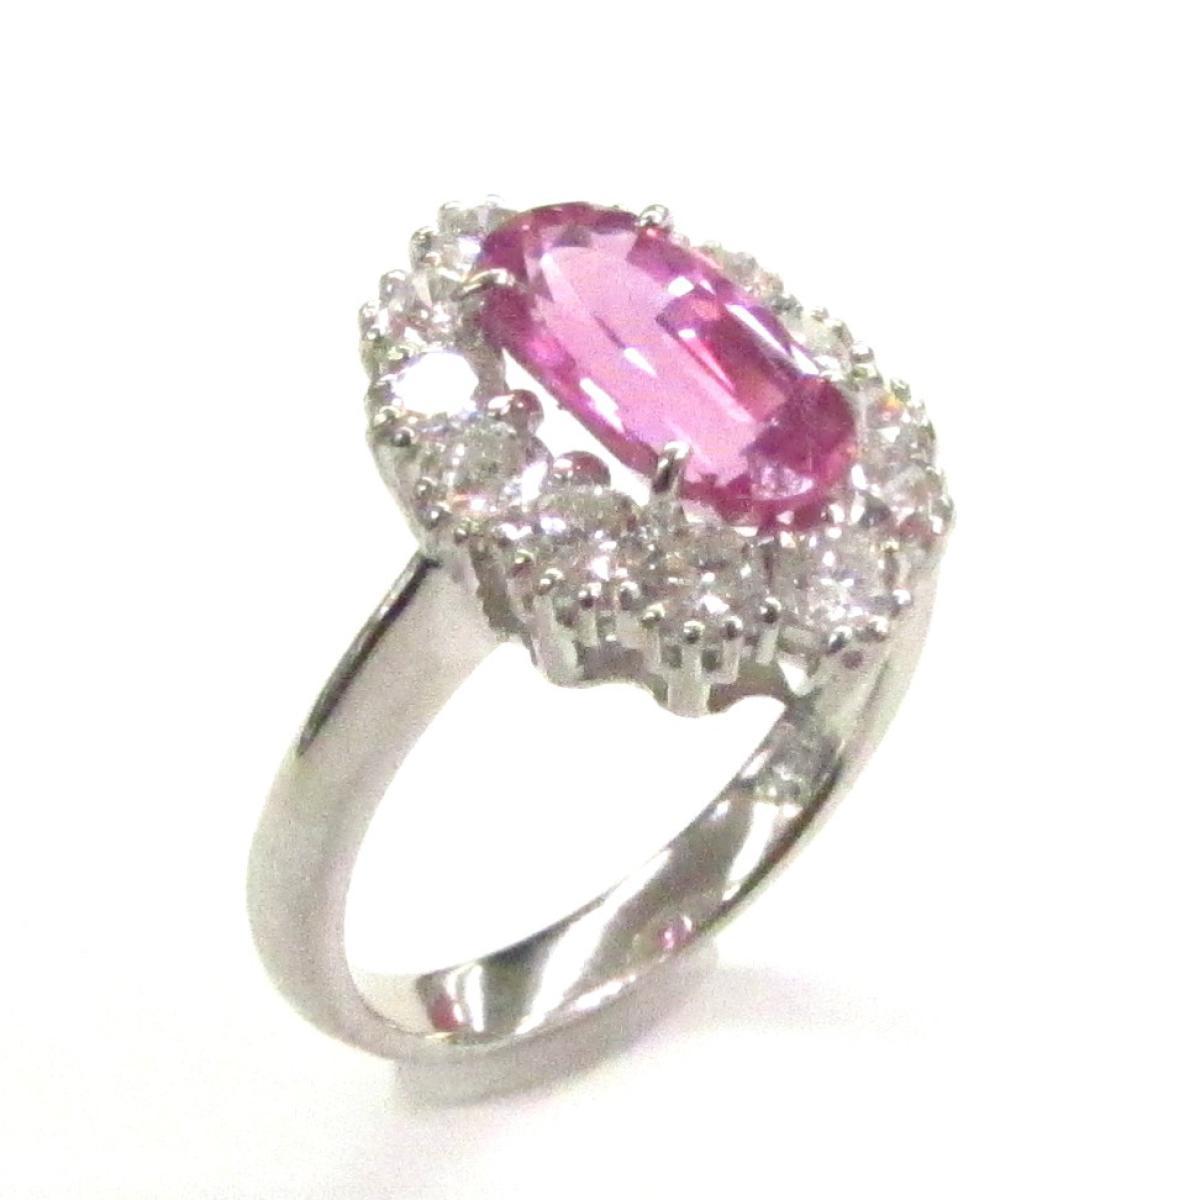 【中古】 ジュエリー ピンクサファイアリング レディース PT900 プラチナ x ピンクサファイア (2.20ct) ダイヤモンド (0.86ct)   JEWELRY BRANDOFF ブランドオフ ブランド アクセサリー 指輪 リング